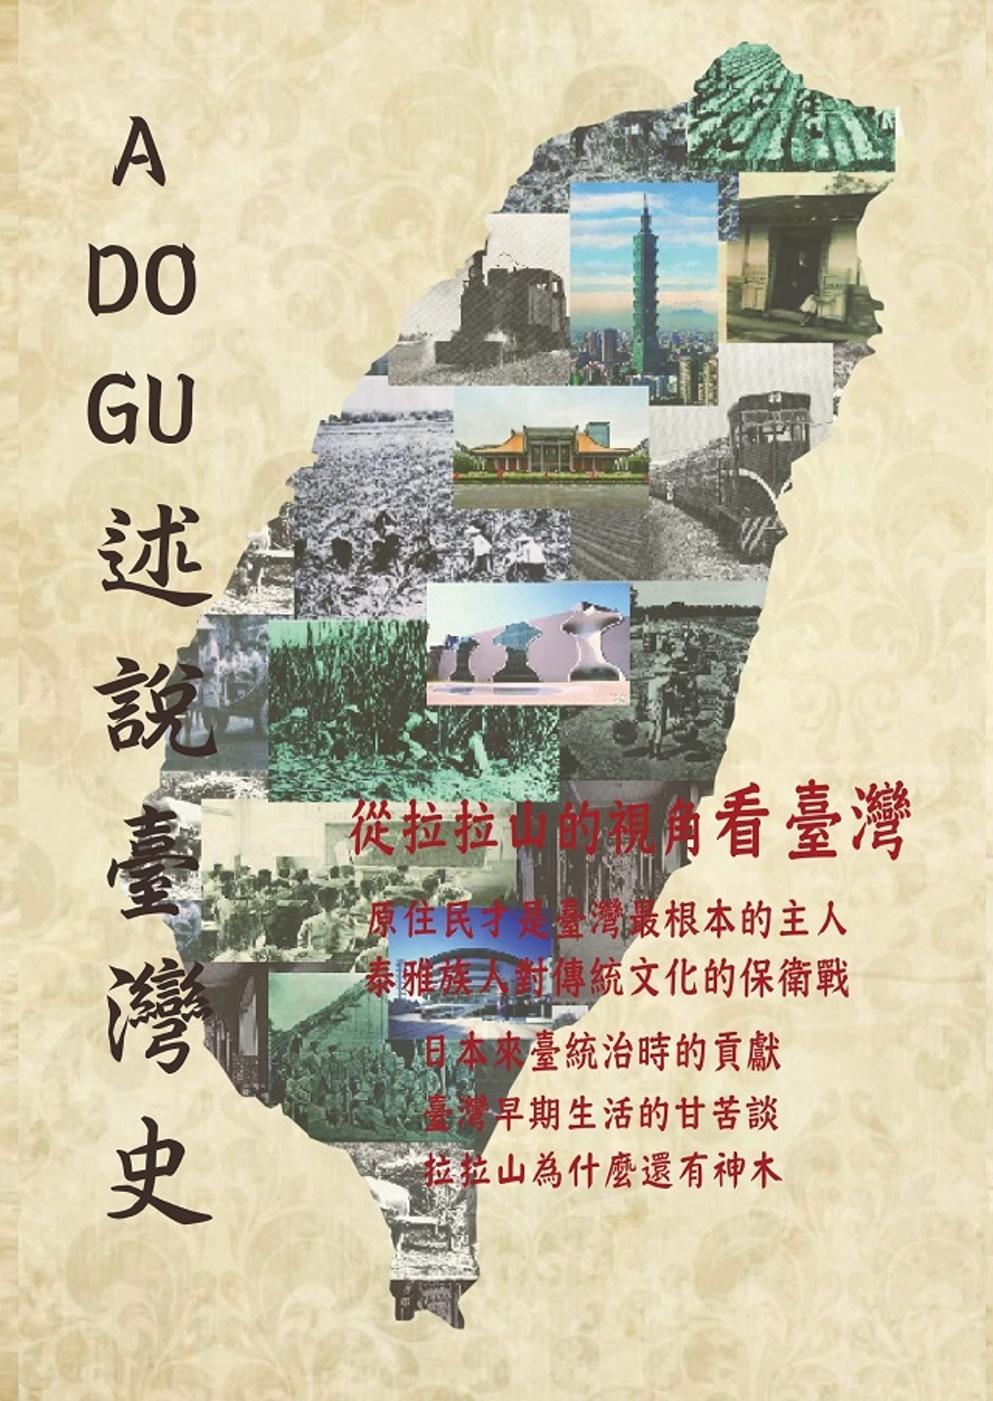 《A DO GU 述說臺灣史》 商品條碼,ISBN:9789869524704